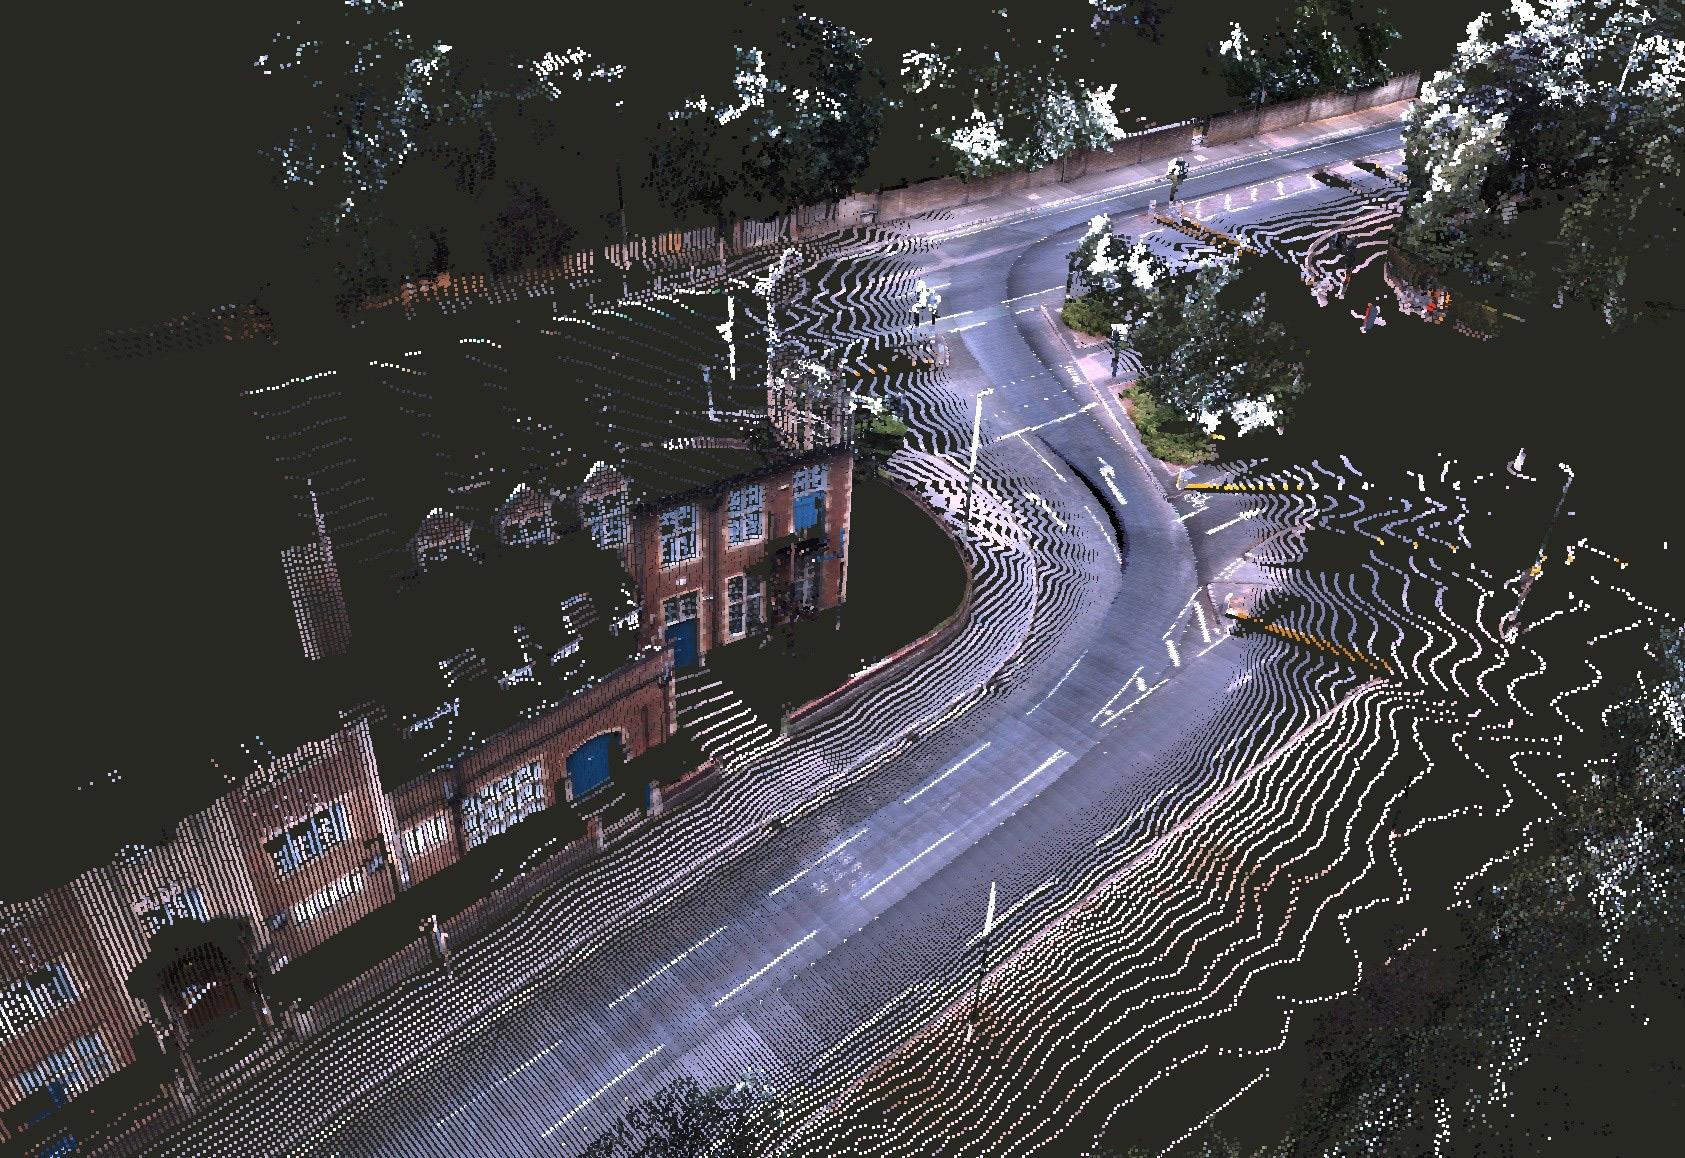 oxbotica selenium roads